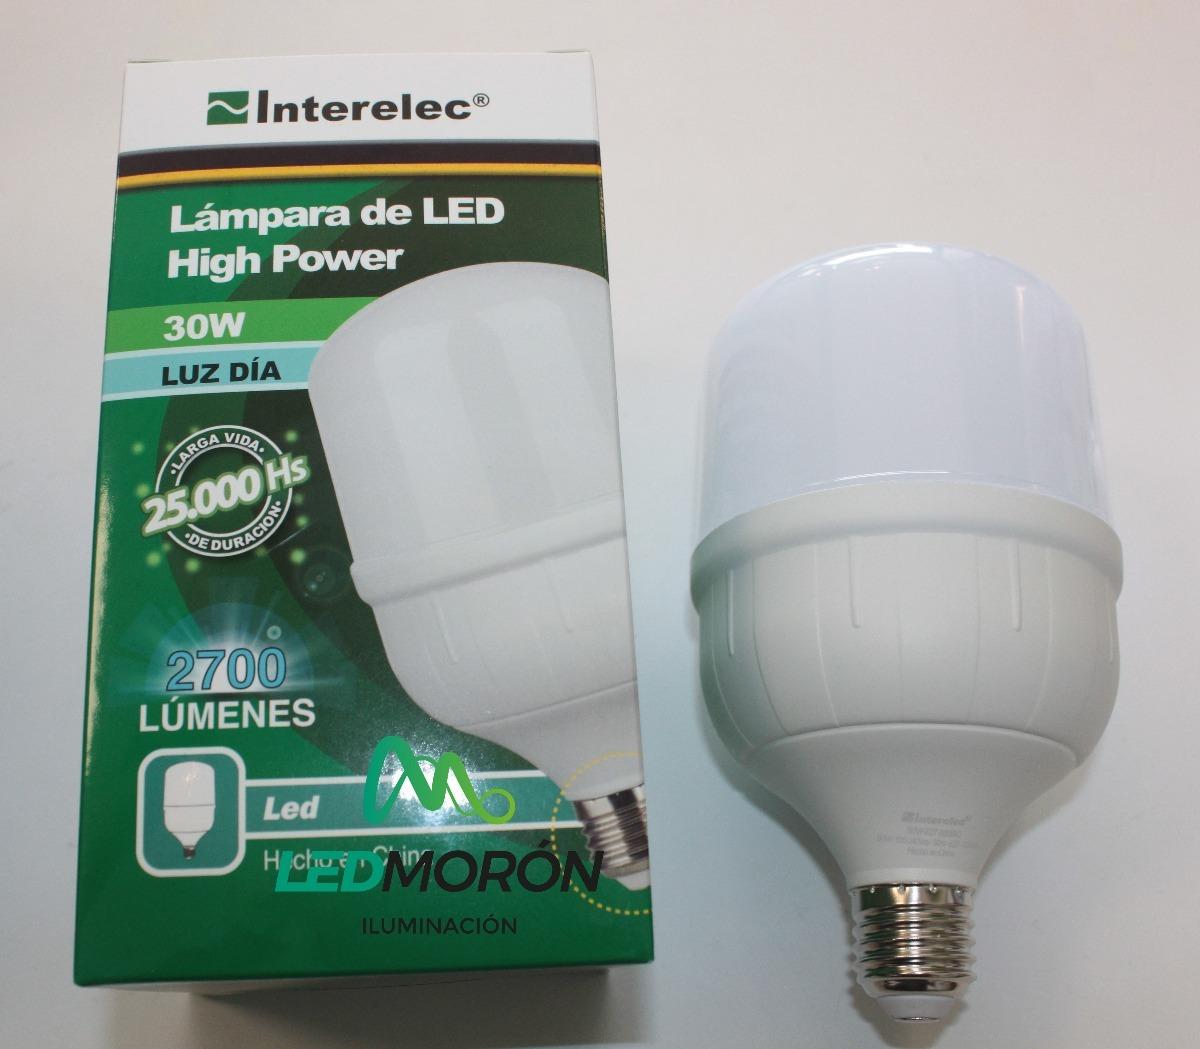 Día Luz Lampara 30w Interelec Power80w E27 High Led uTOkXZPi